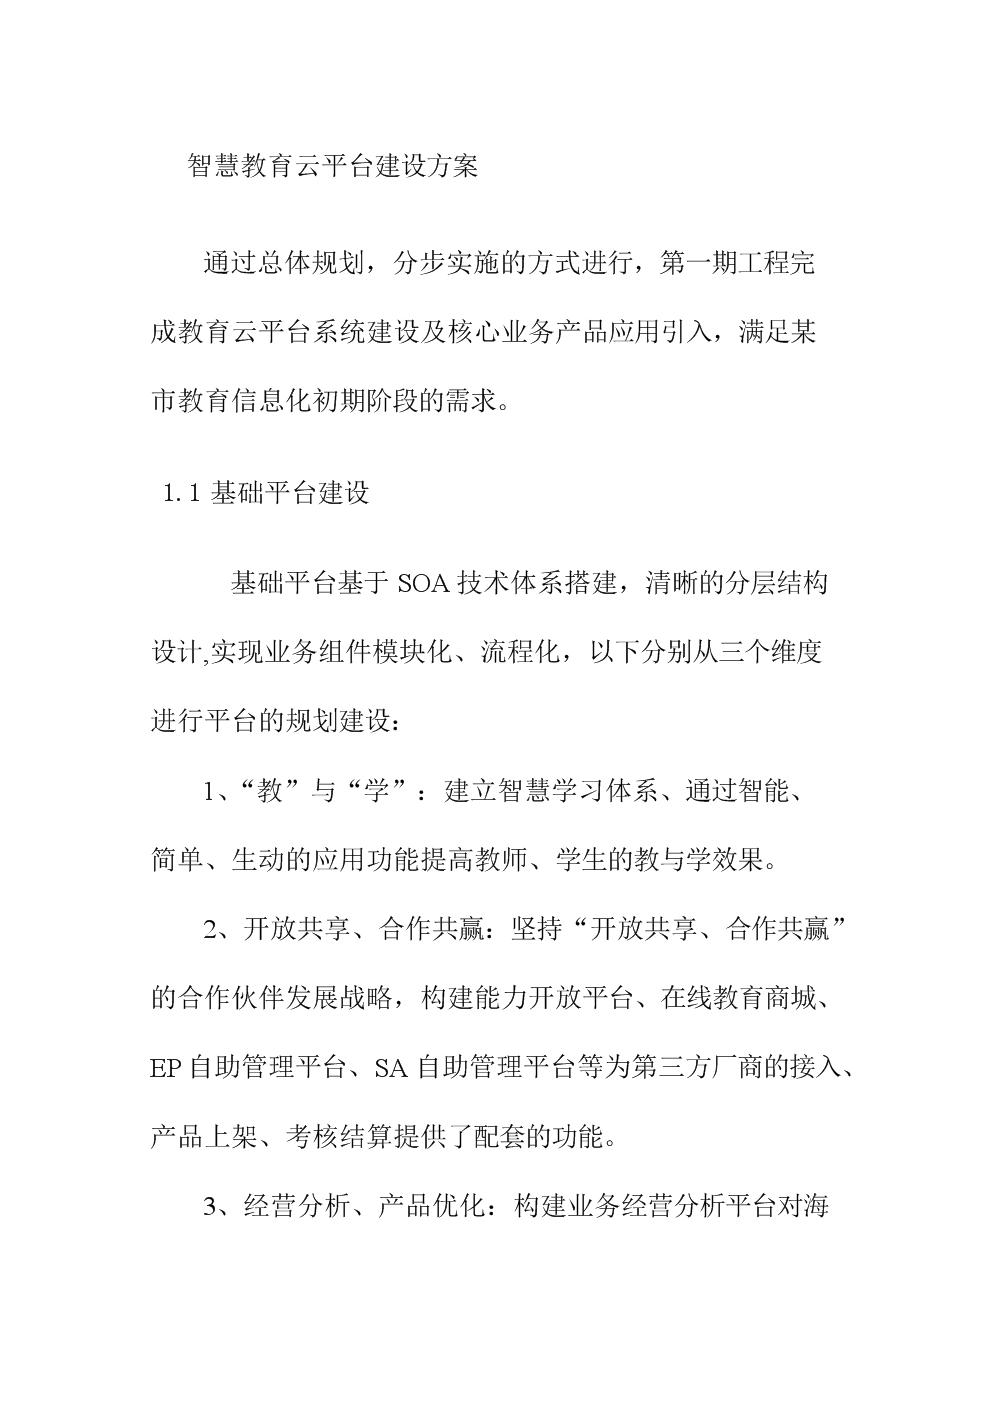 智慧教育云平台建设方案.doc